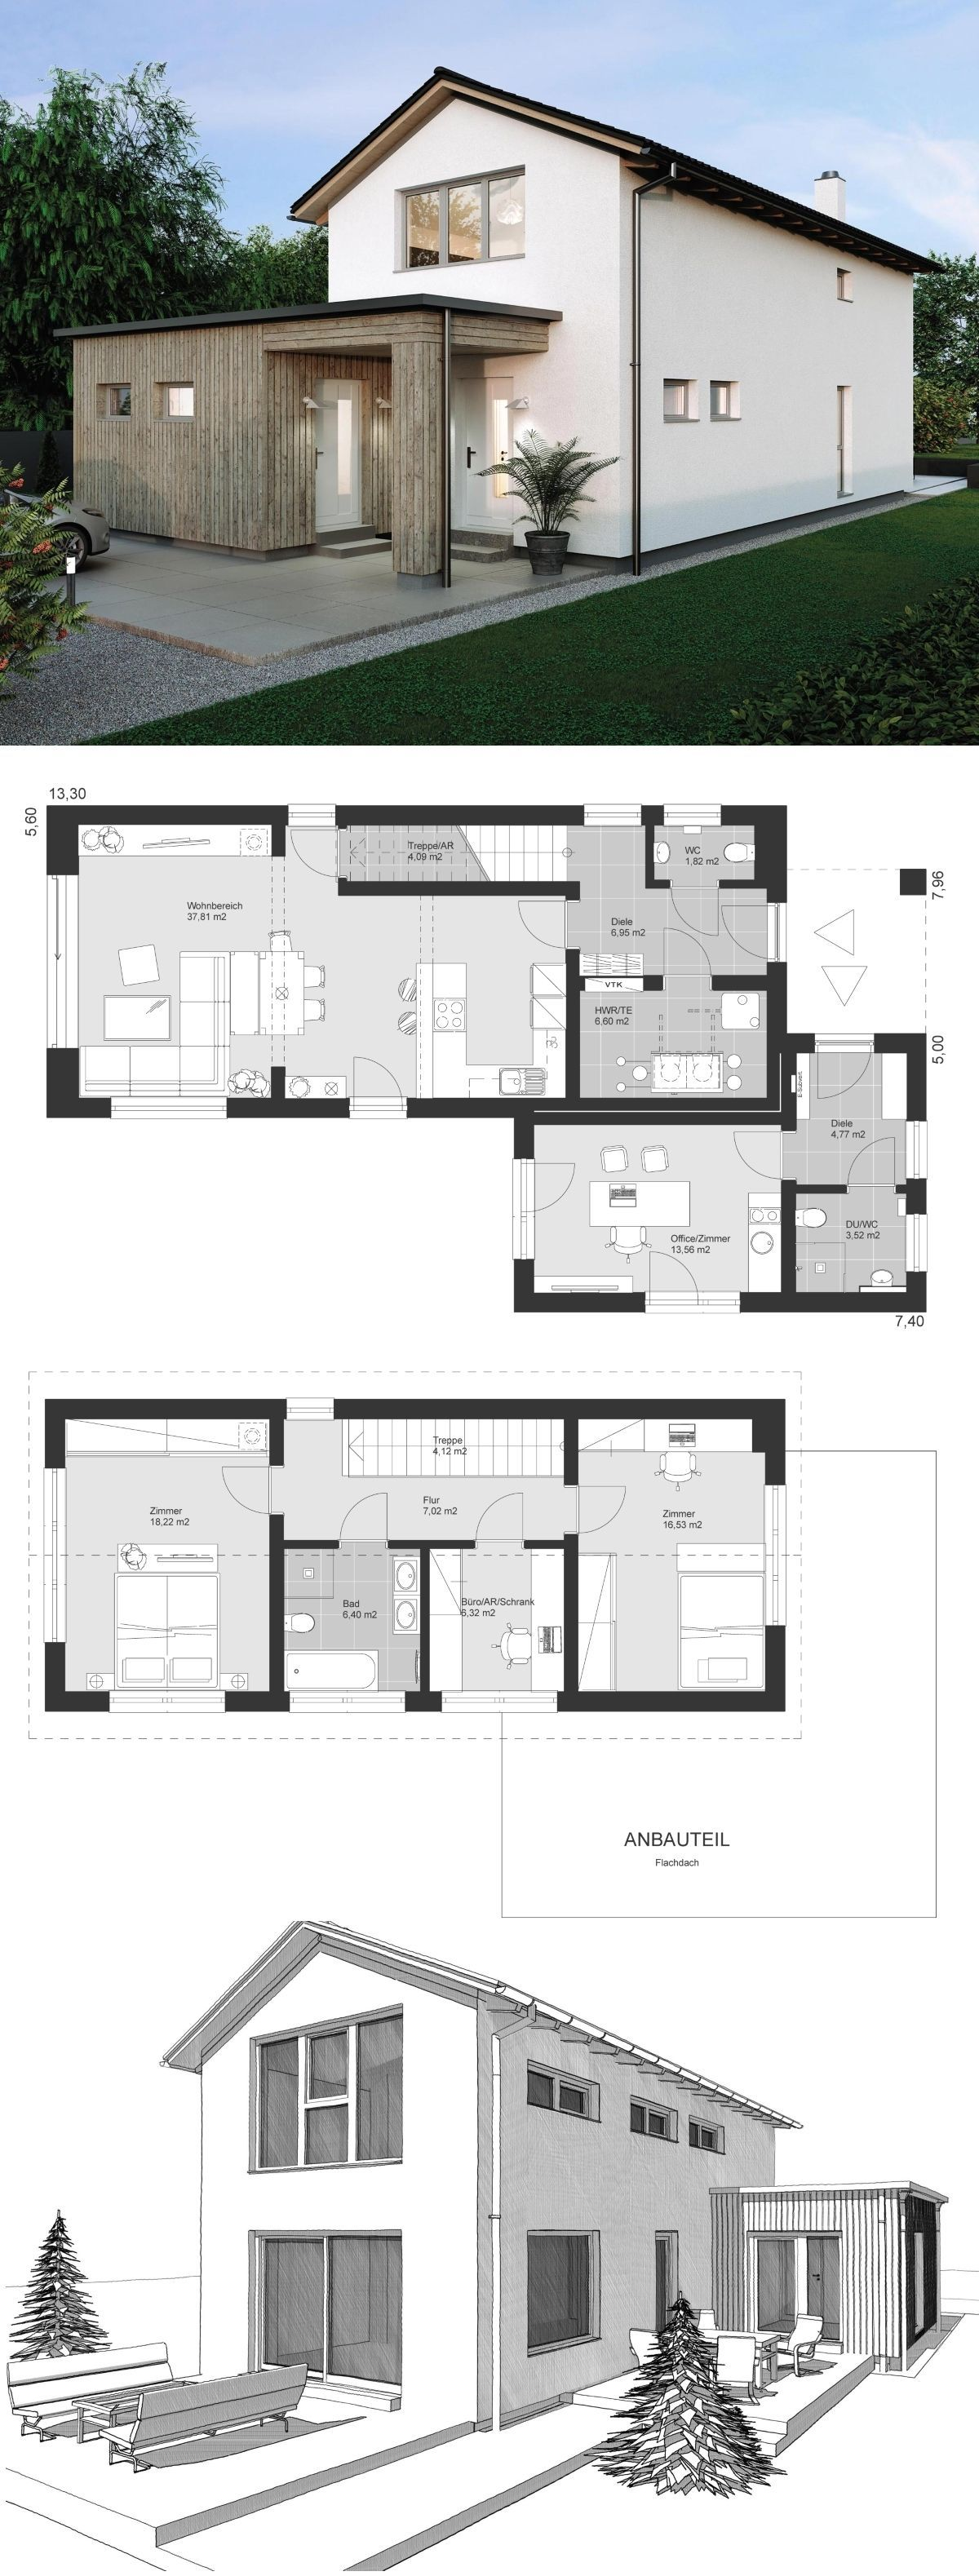 Einfamilienhaus Neubau im Landhausstil Grundriss auch als